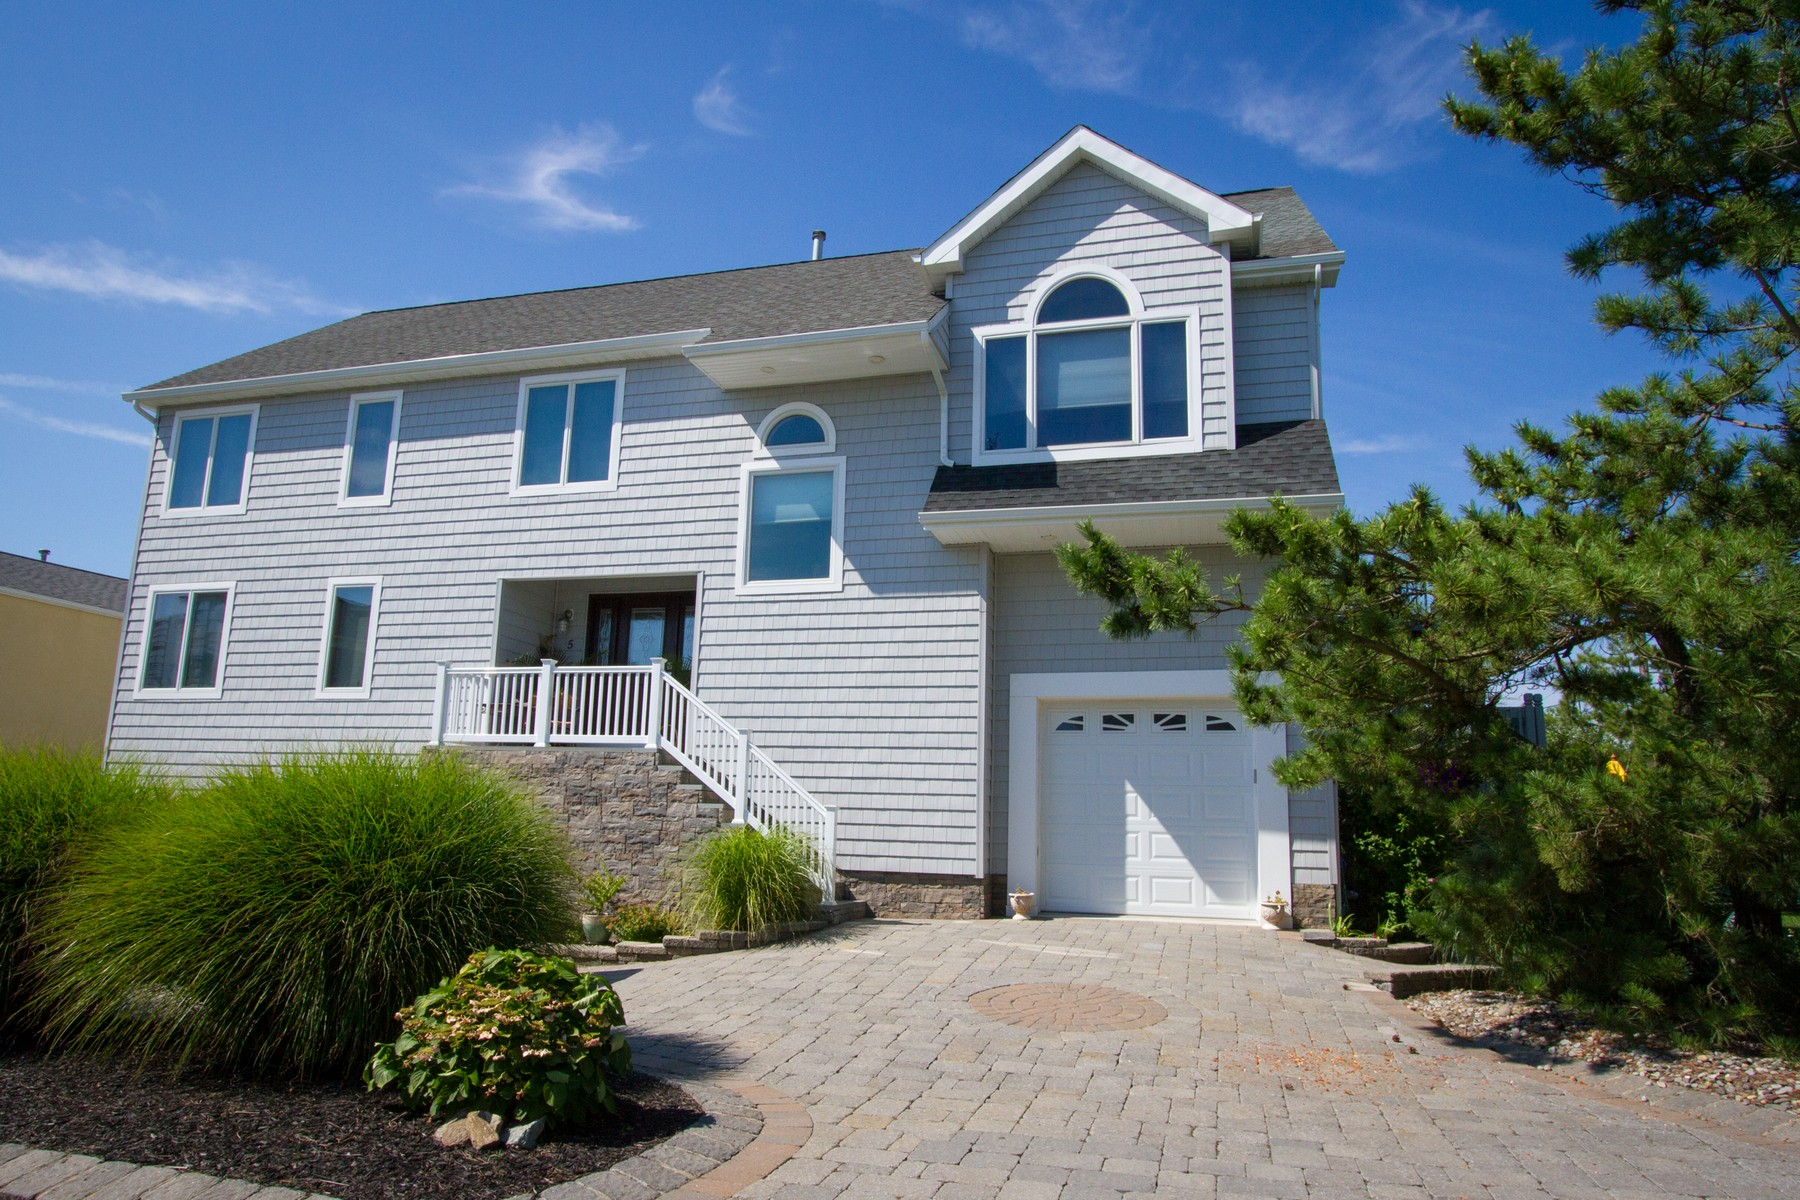 Maison unifamiliale pour l Vente à Every home is a masterpiece 5 Sunset Lane Monmouth Beach, New Jersey, 07750 États-Unis